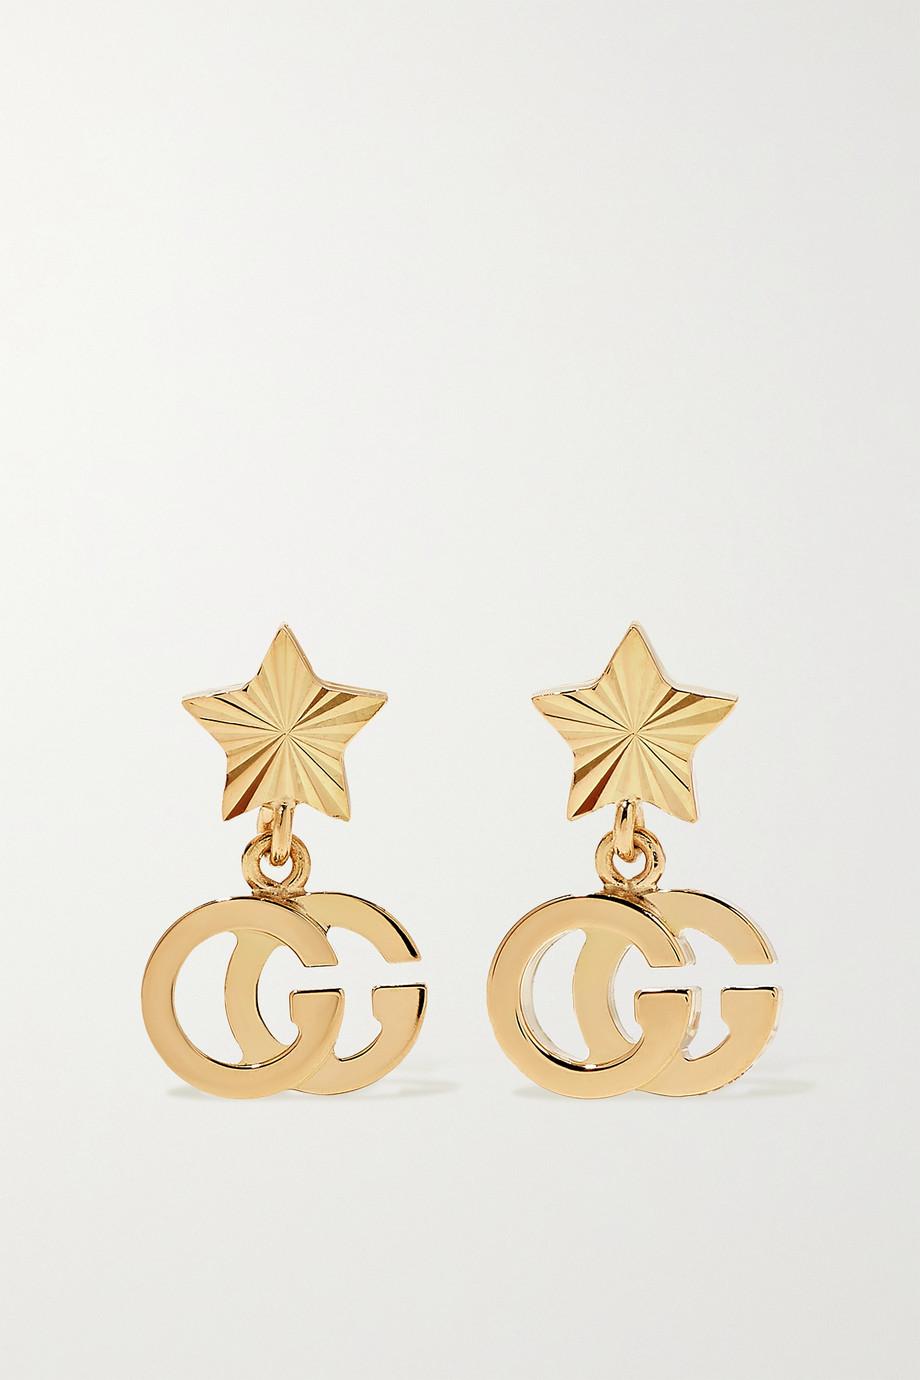 Gucci GG Running 18-karat gold earrings